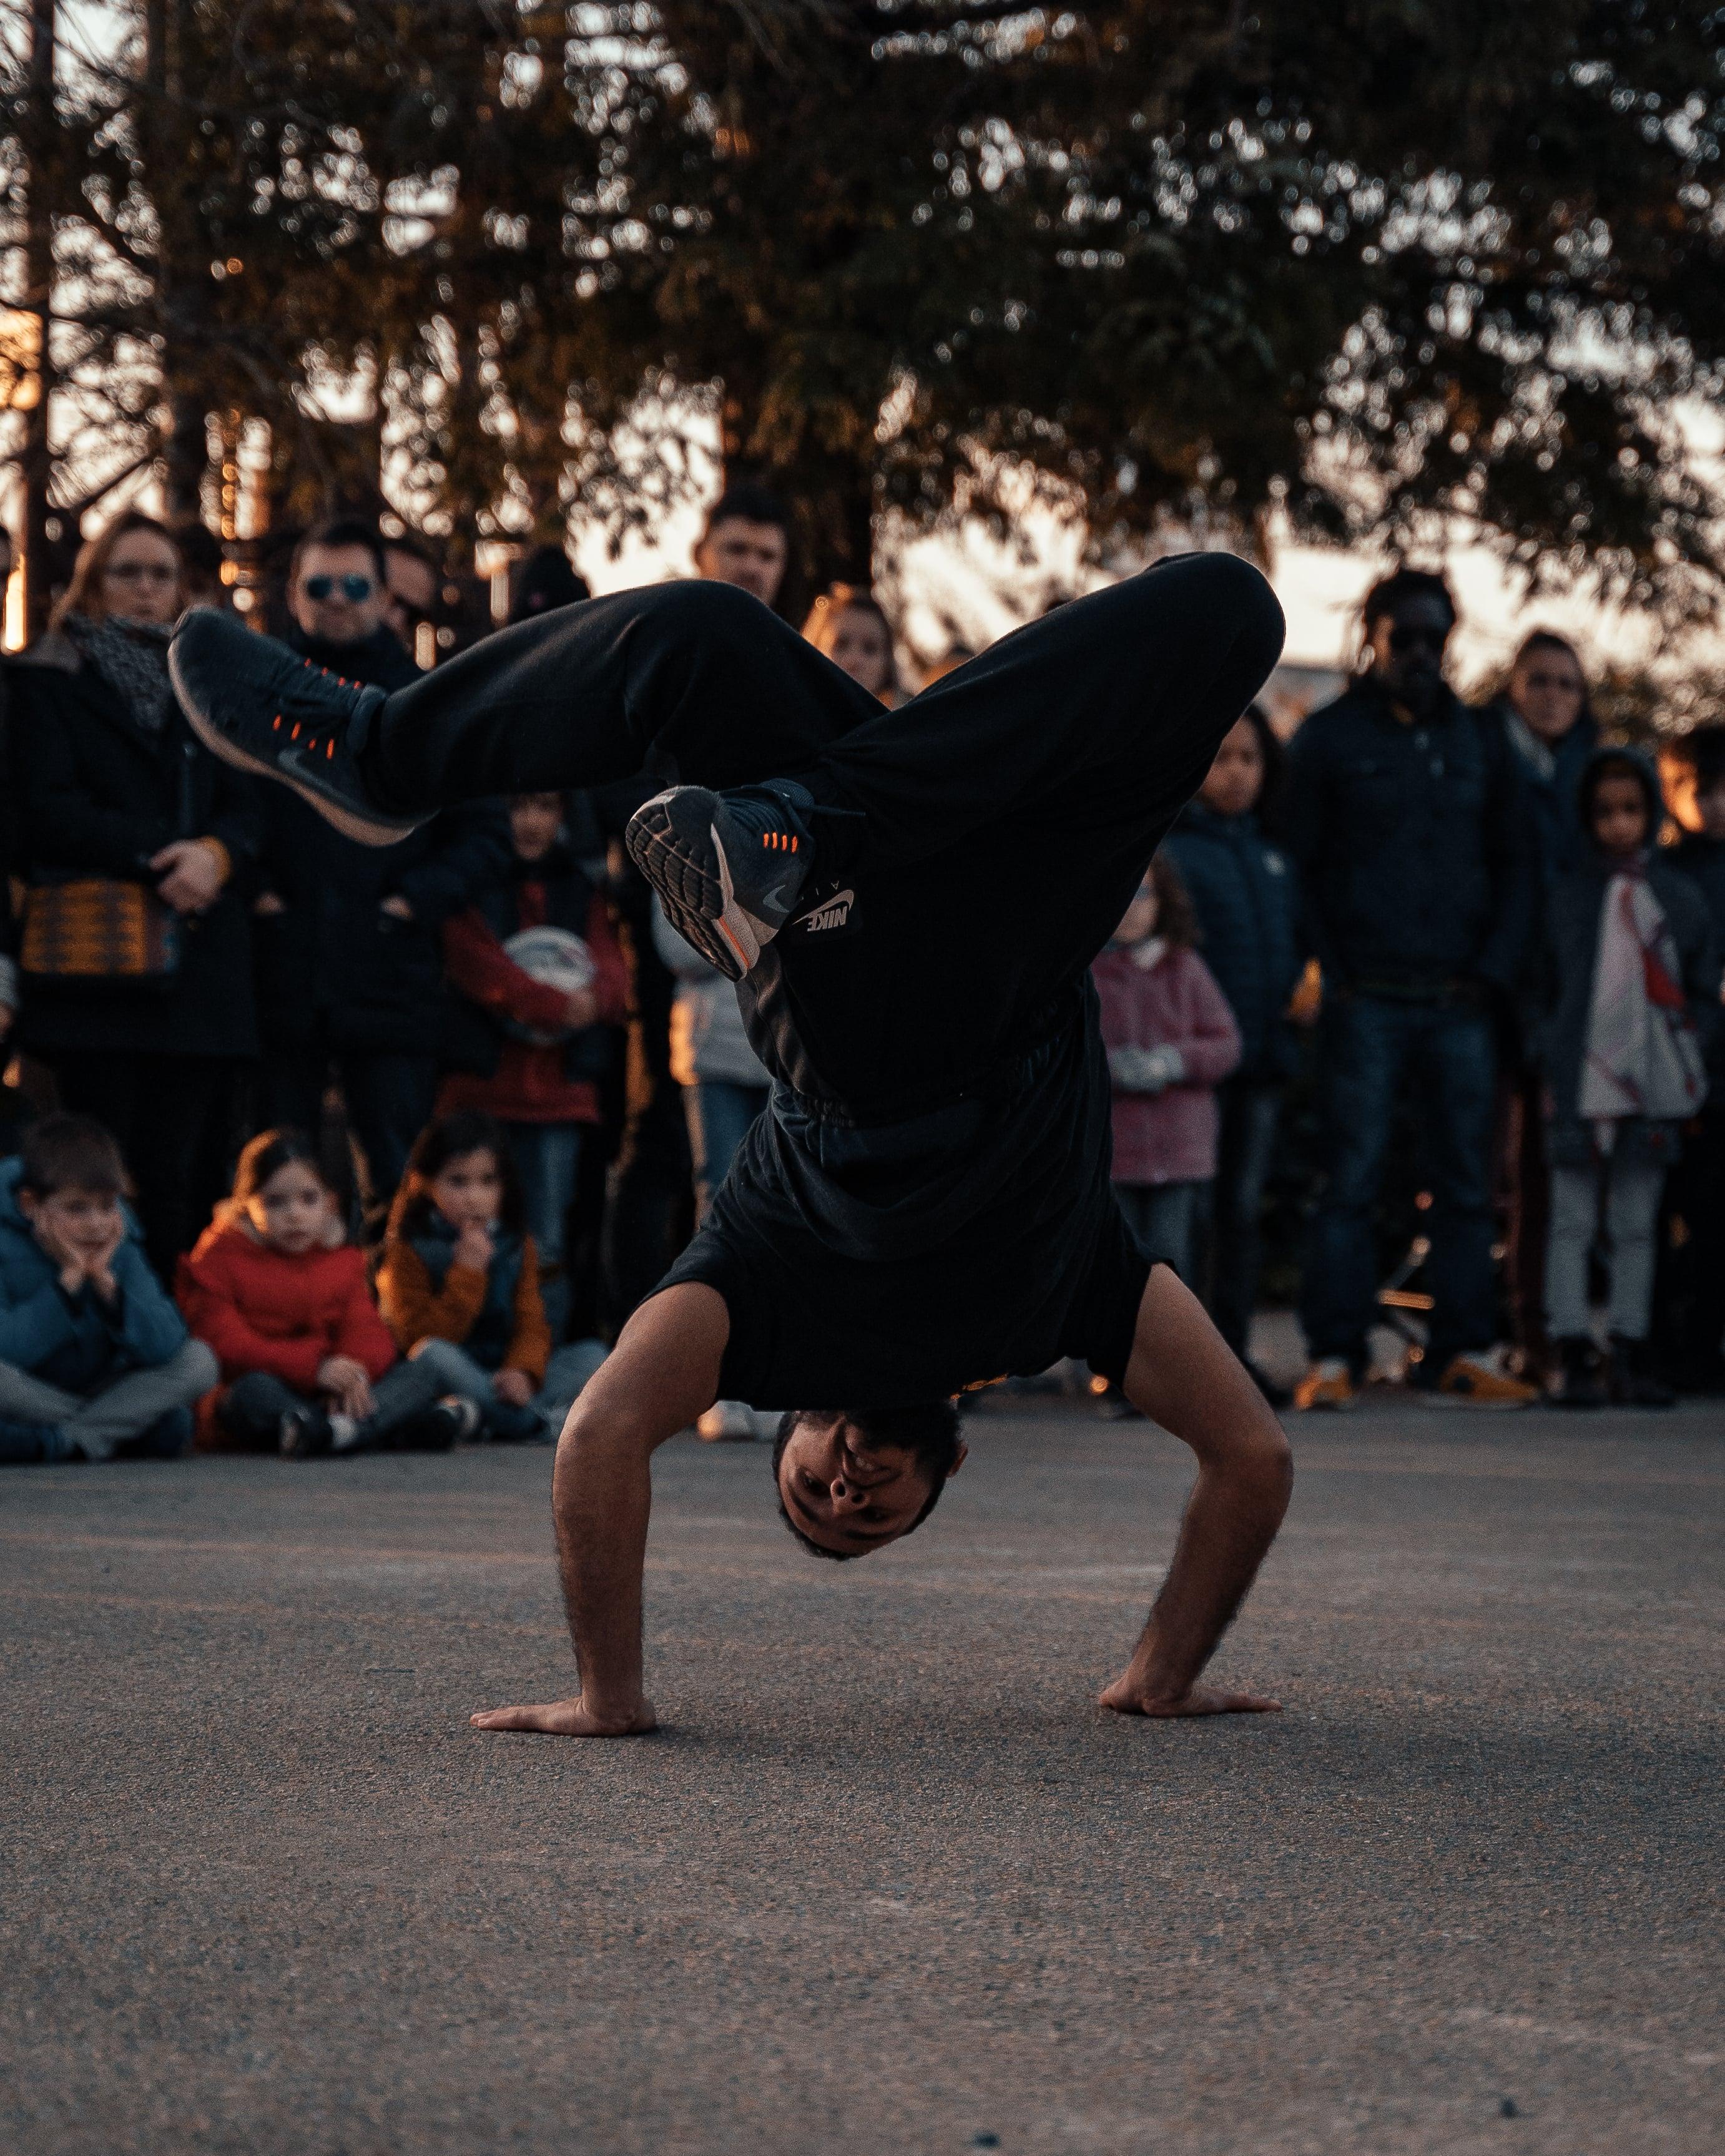 événementiel troupe danseur breakdance professionnel - Streetsmile